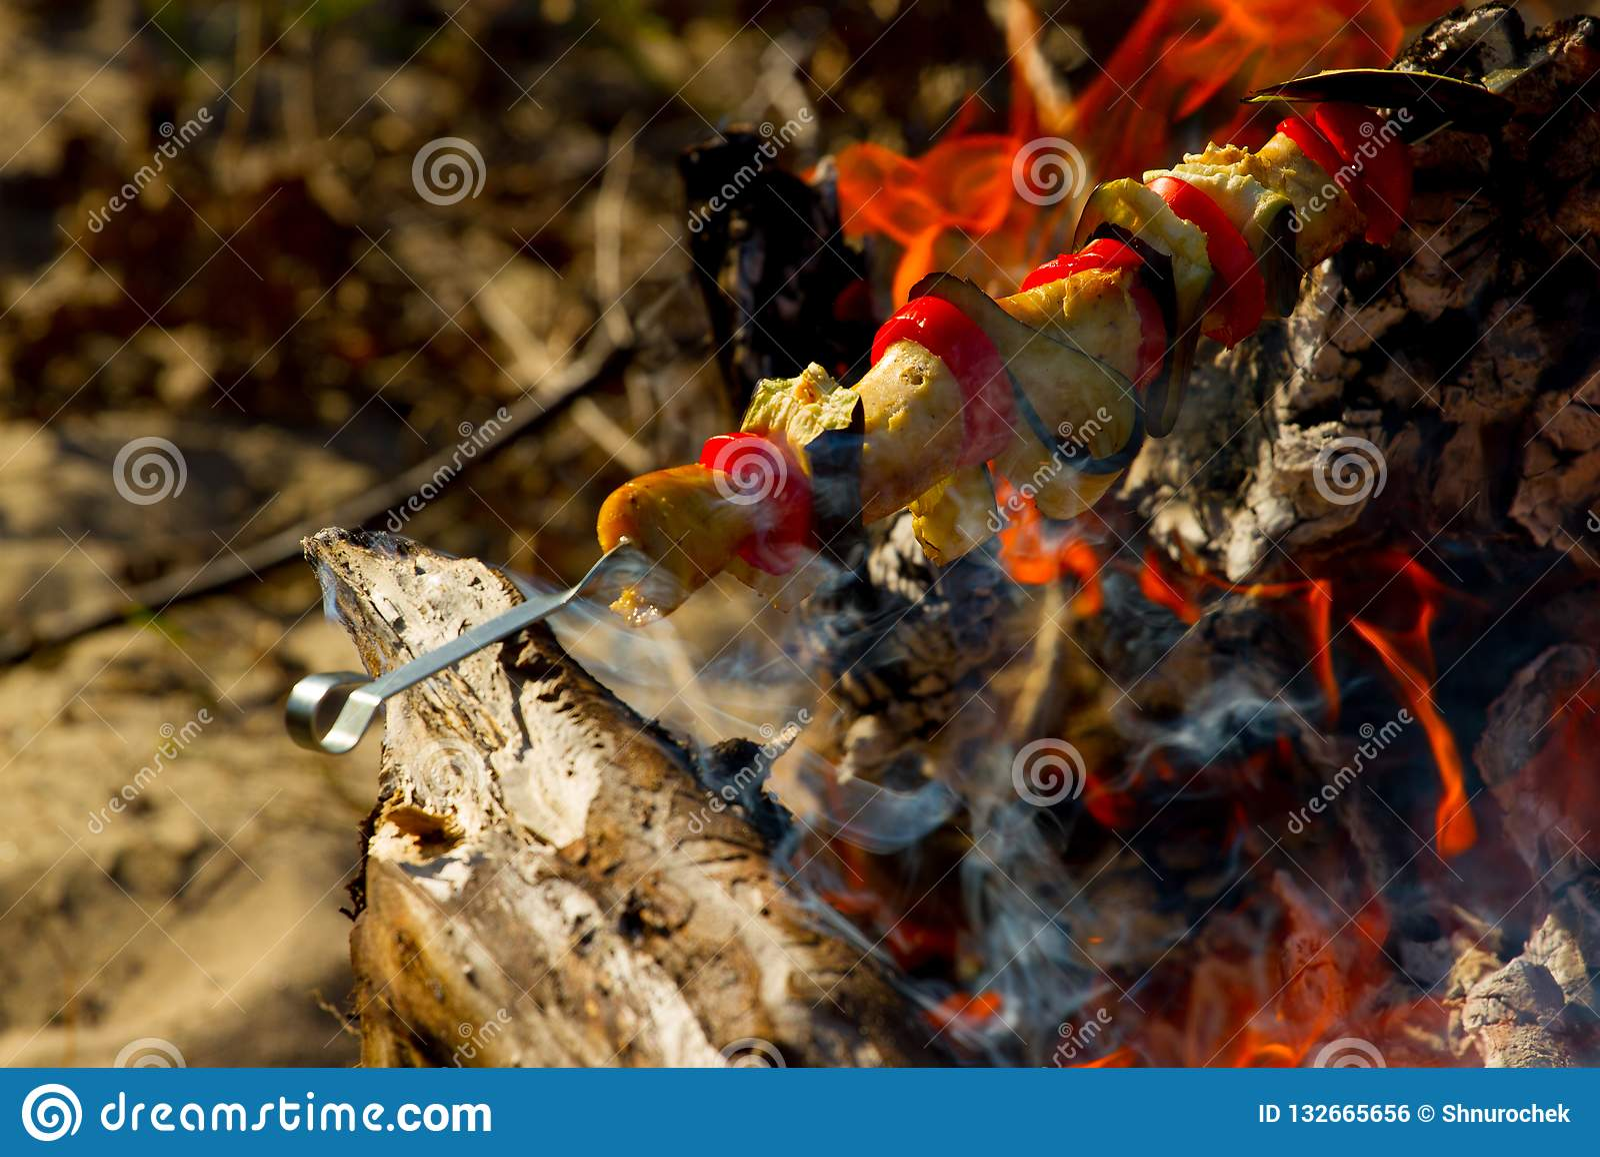 Grillad grönsakkebab i den öppna branden på pinnen